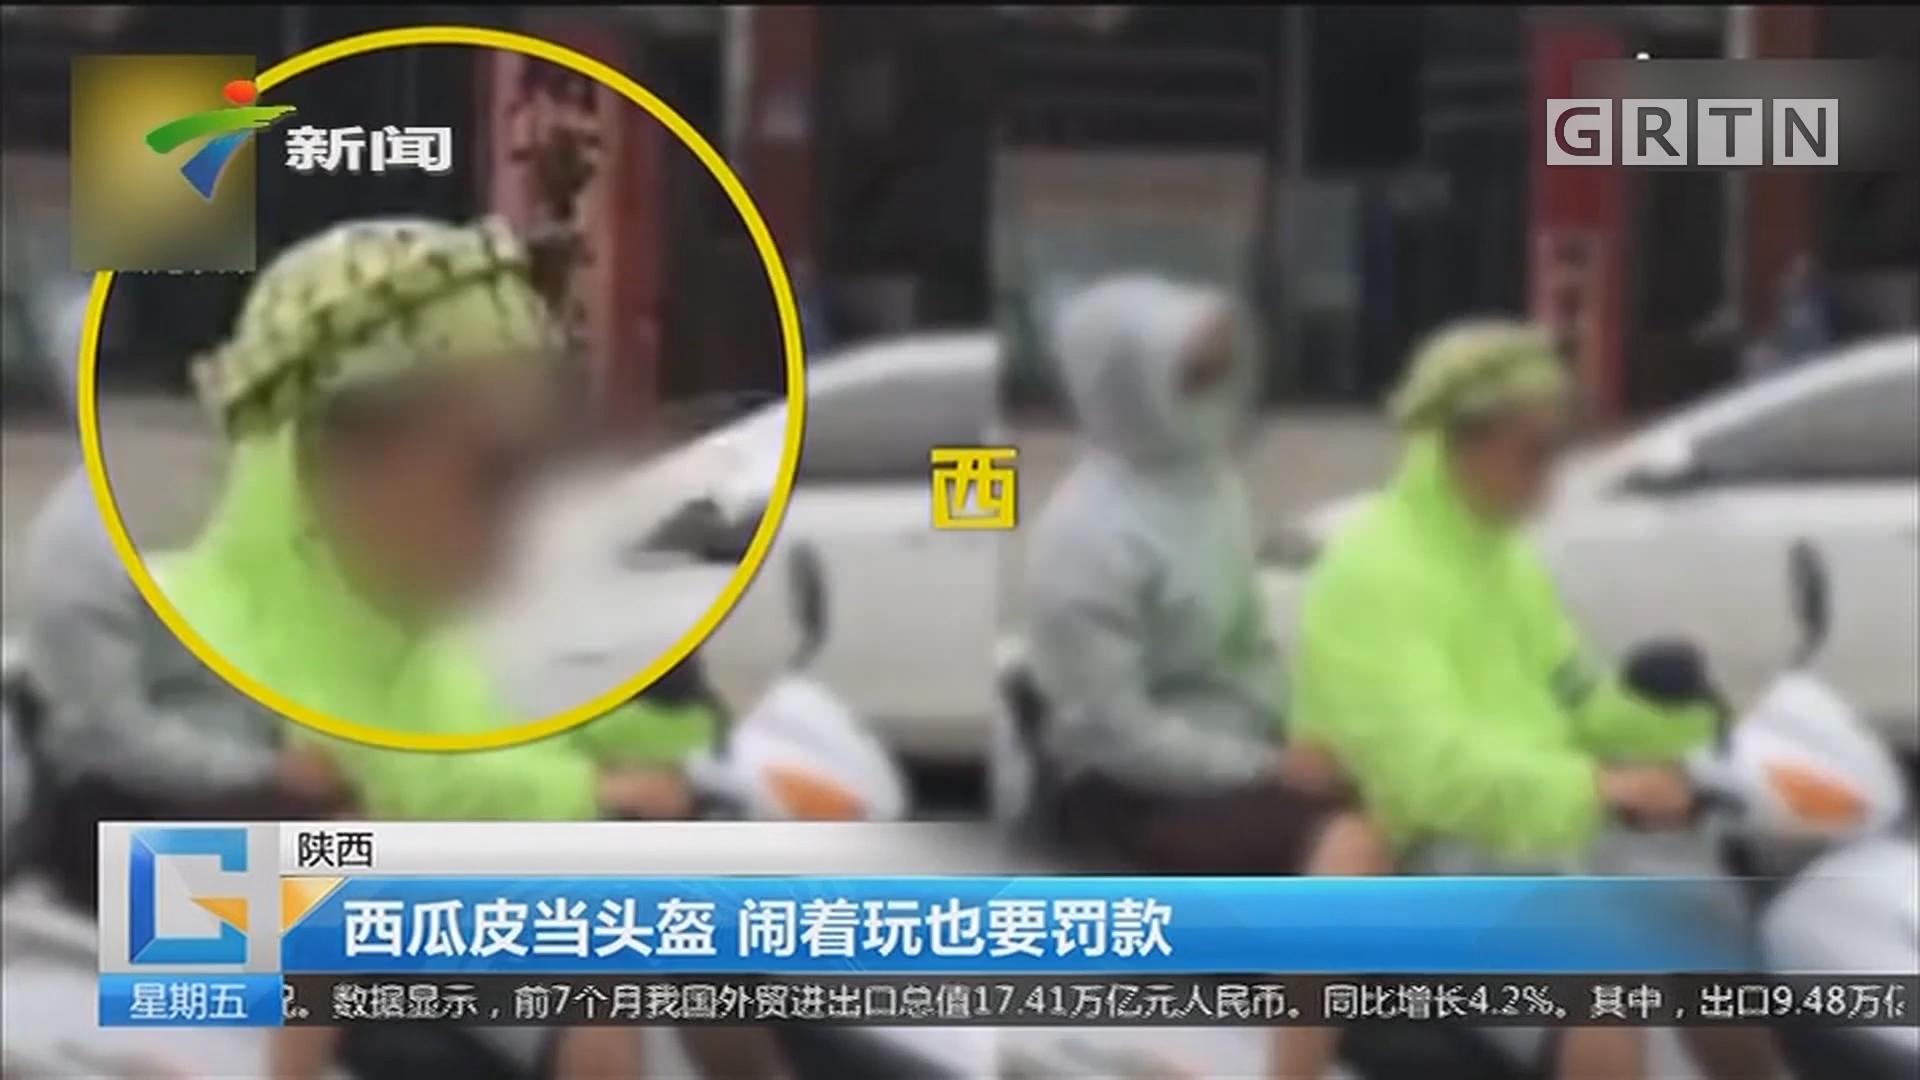 陕西:西瓜皮当头盔 闹着玩也要罚款